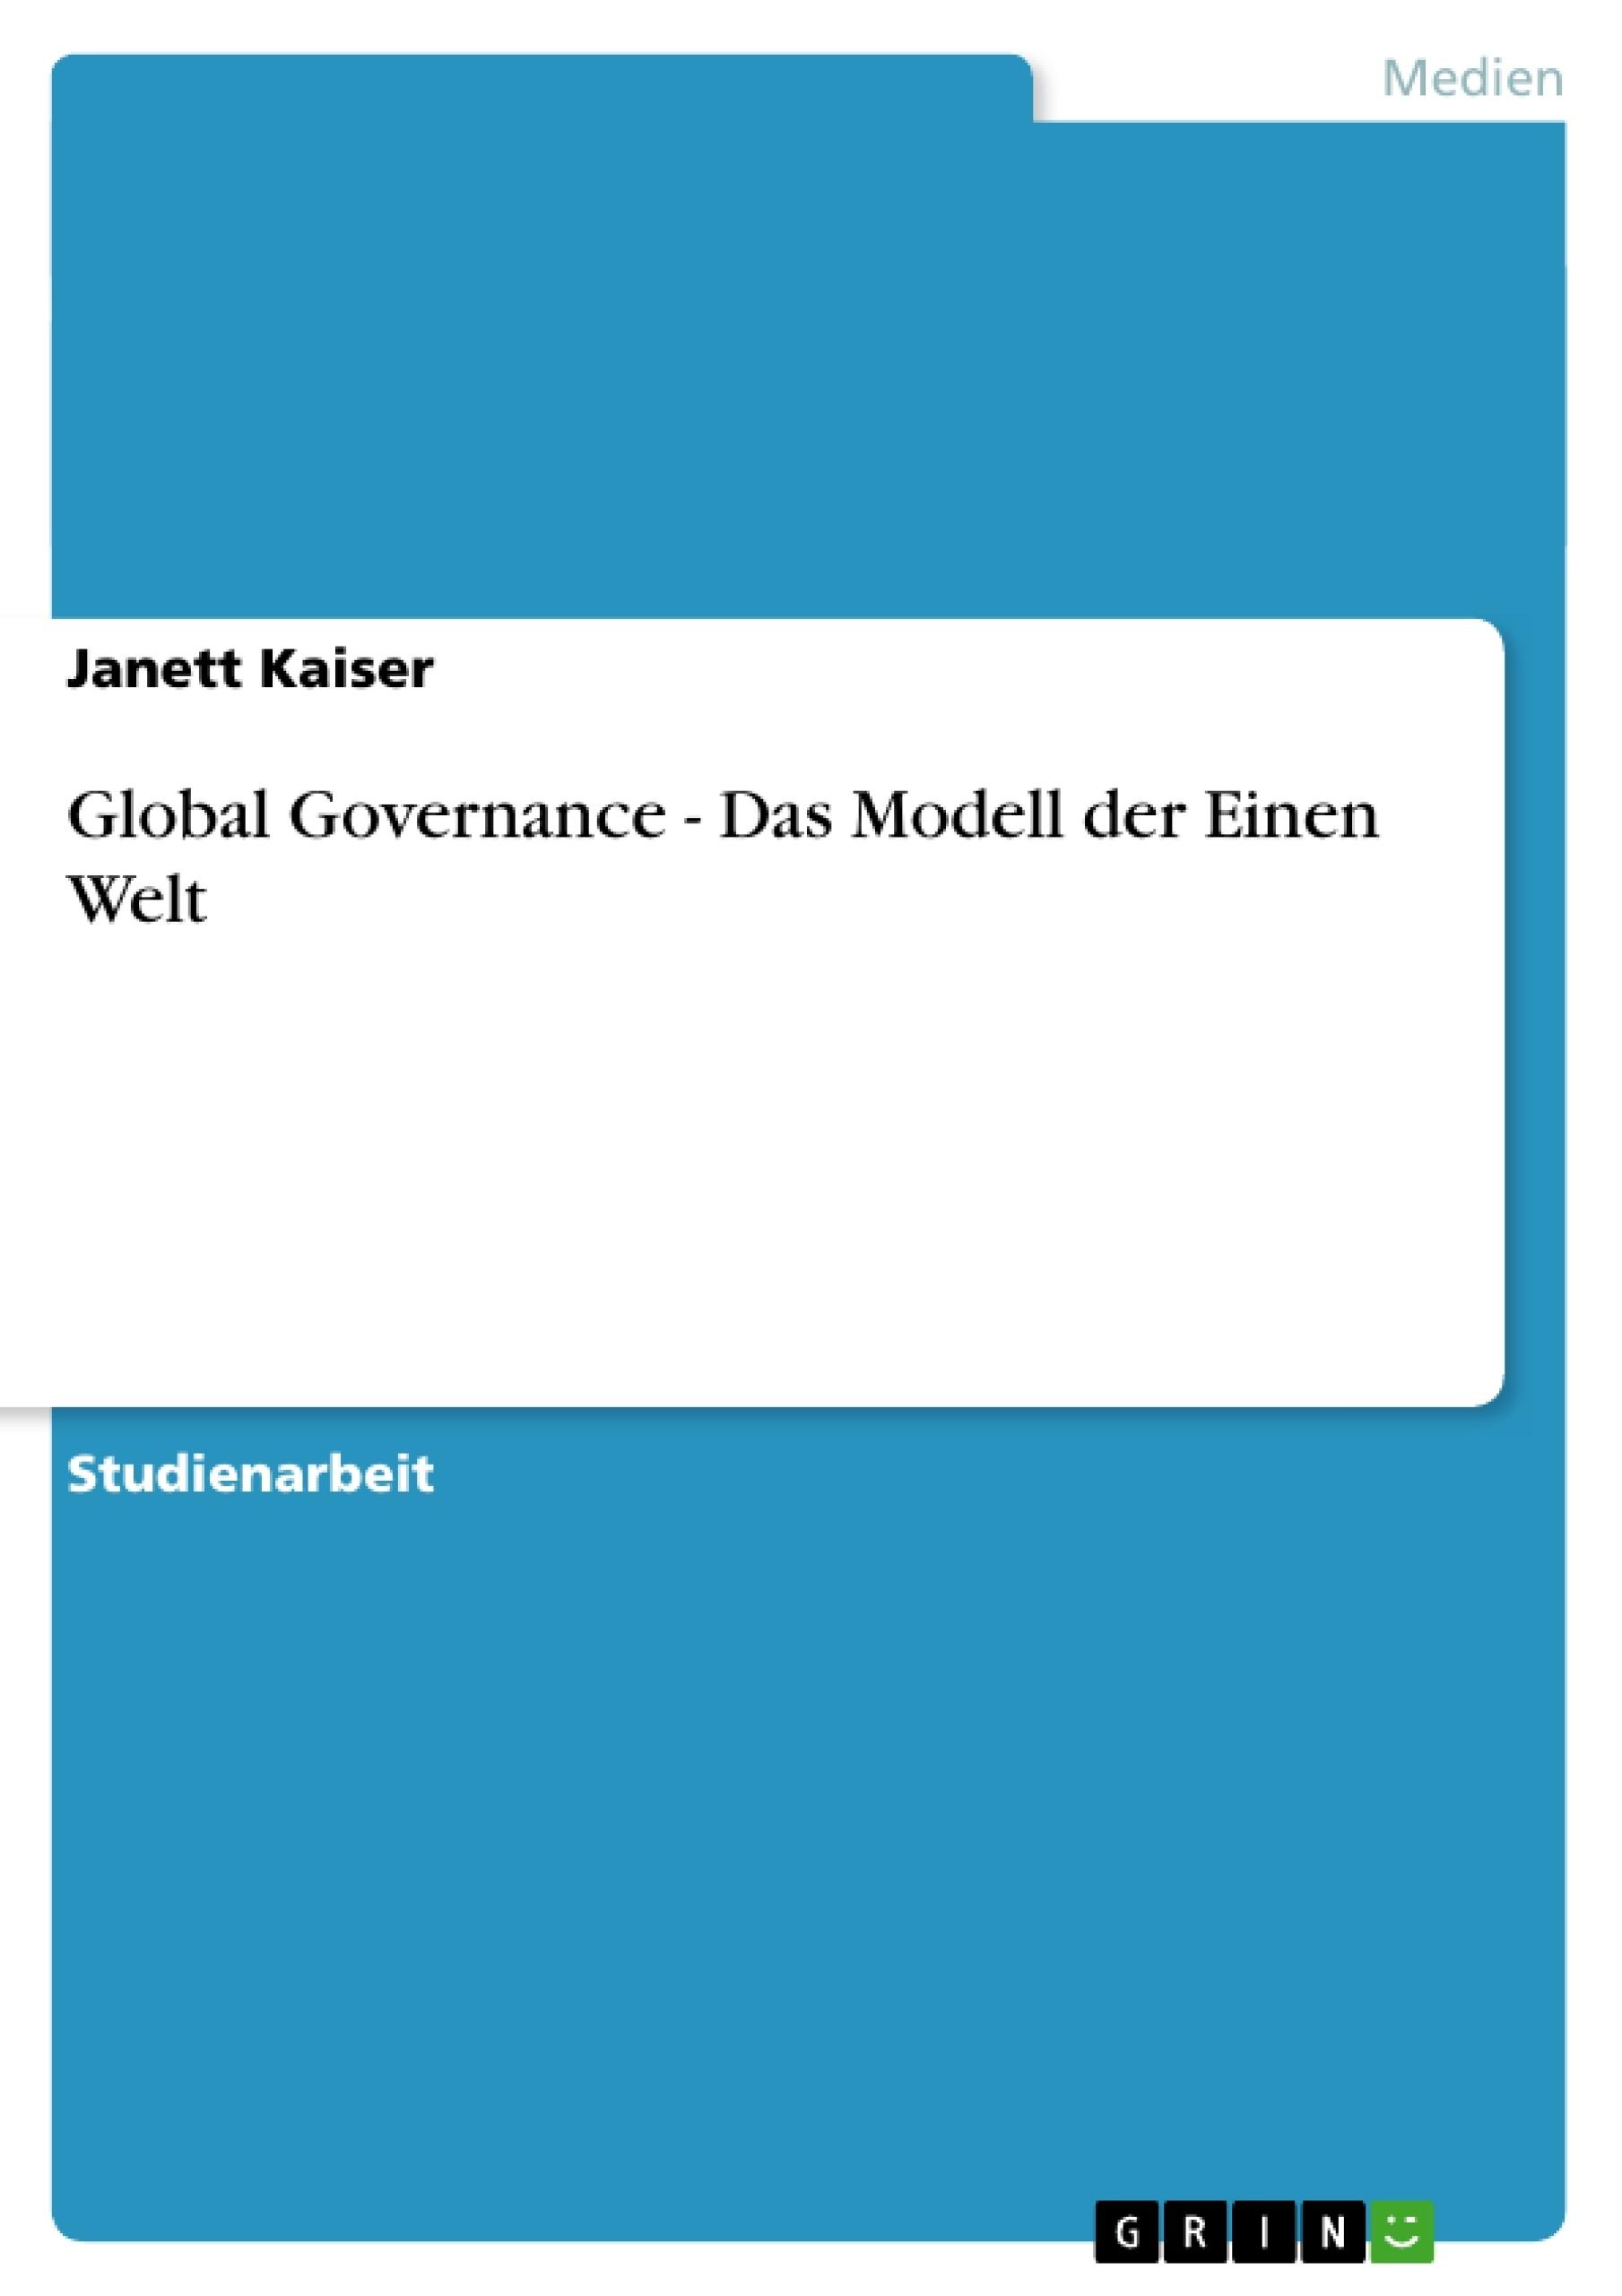 Titel: Global Governance - Das Modell der Einen Welt